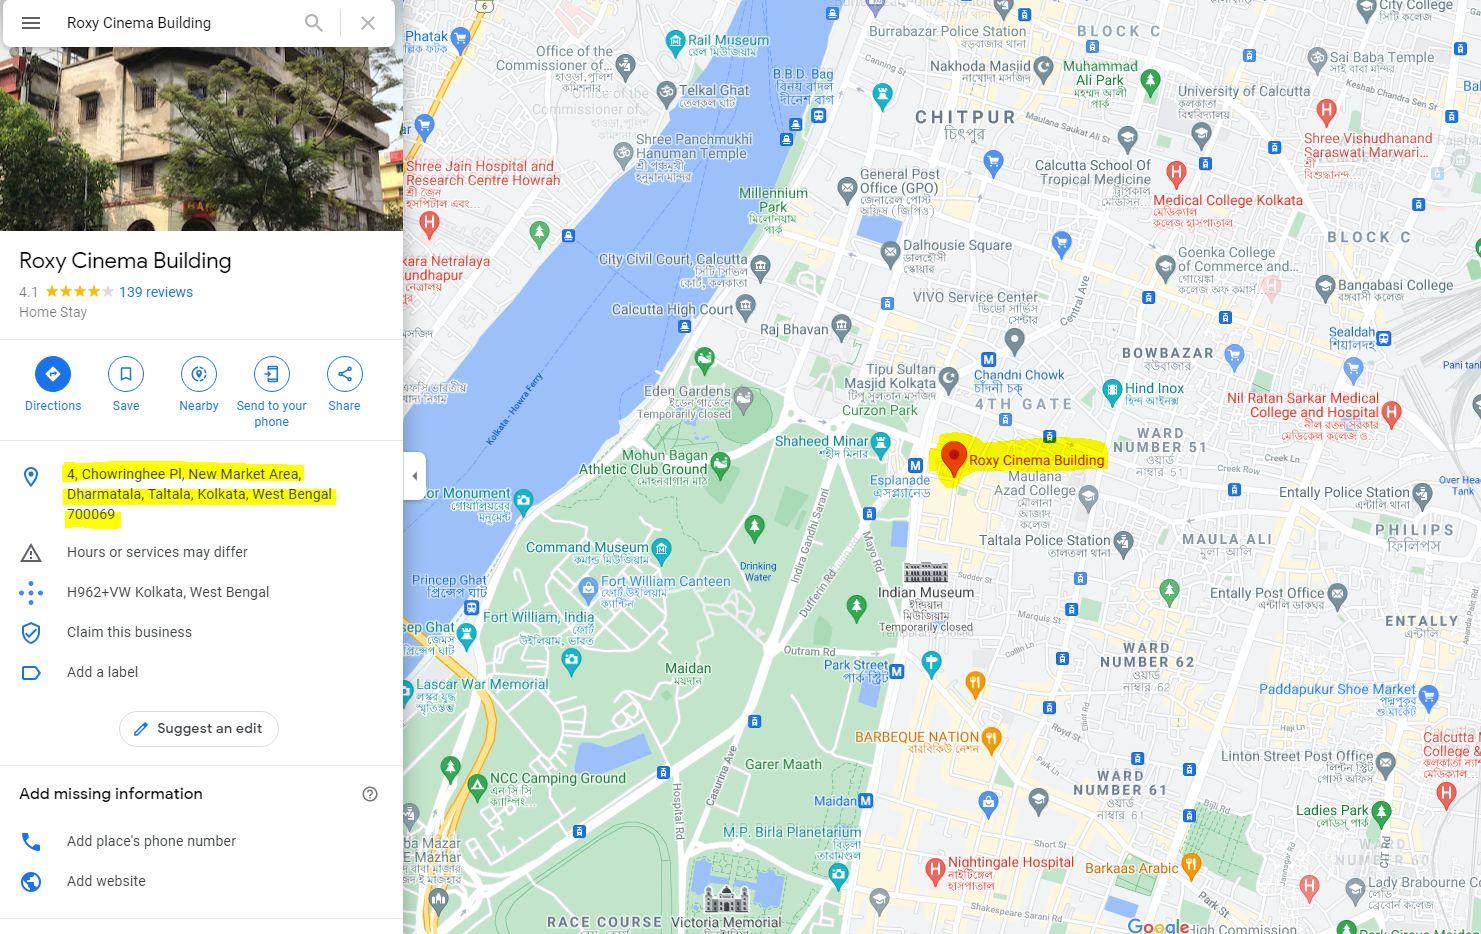 আধার কার্ড তৈরি বা সংশোধন নিয়ে এখনও অনেকে বিভ্রান্ত হন। সেই কারণেই জনসাধারণের সুবিধার্থে স্থায়ী আধার কেন্দ্র গড়ল কলকাতা পুরসভা। ফাইল ছবি : গুগল (Google)